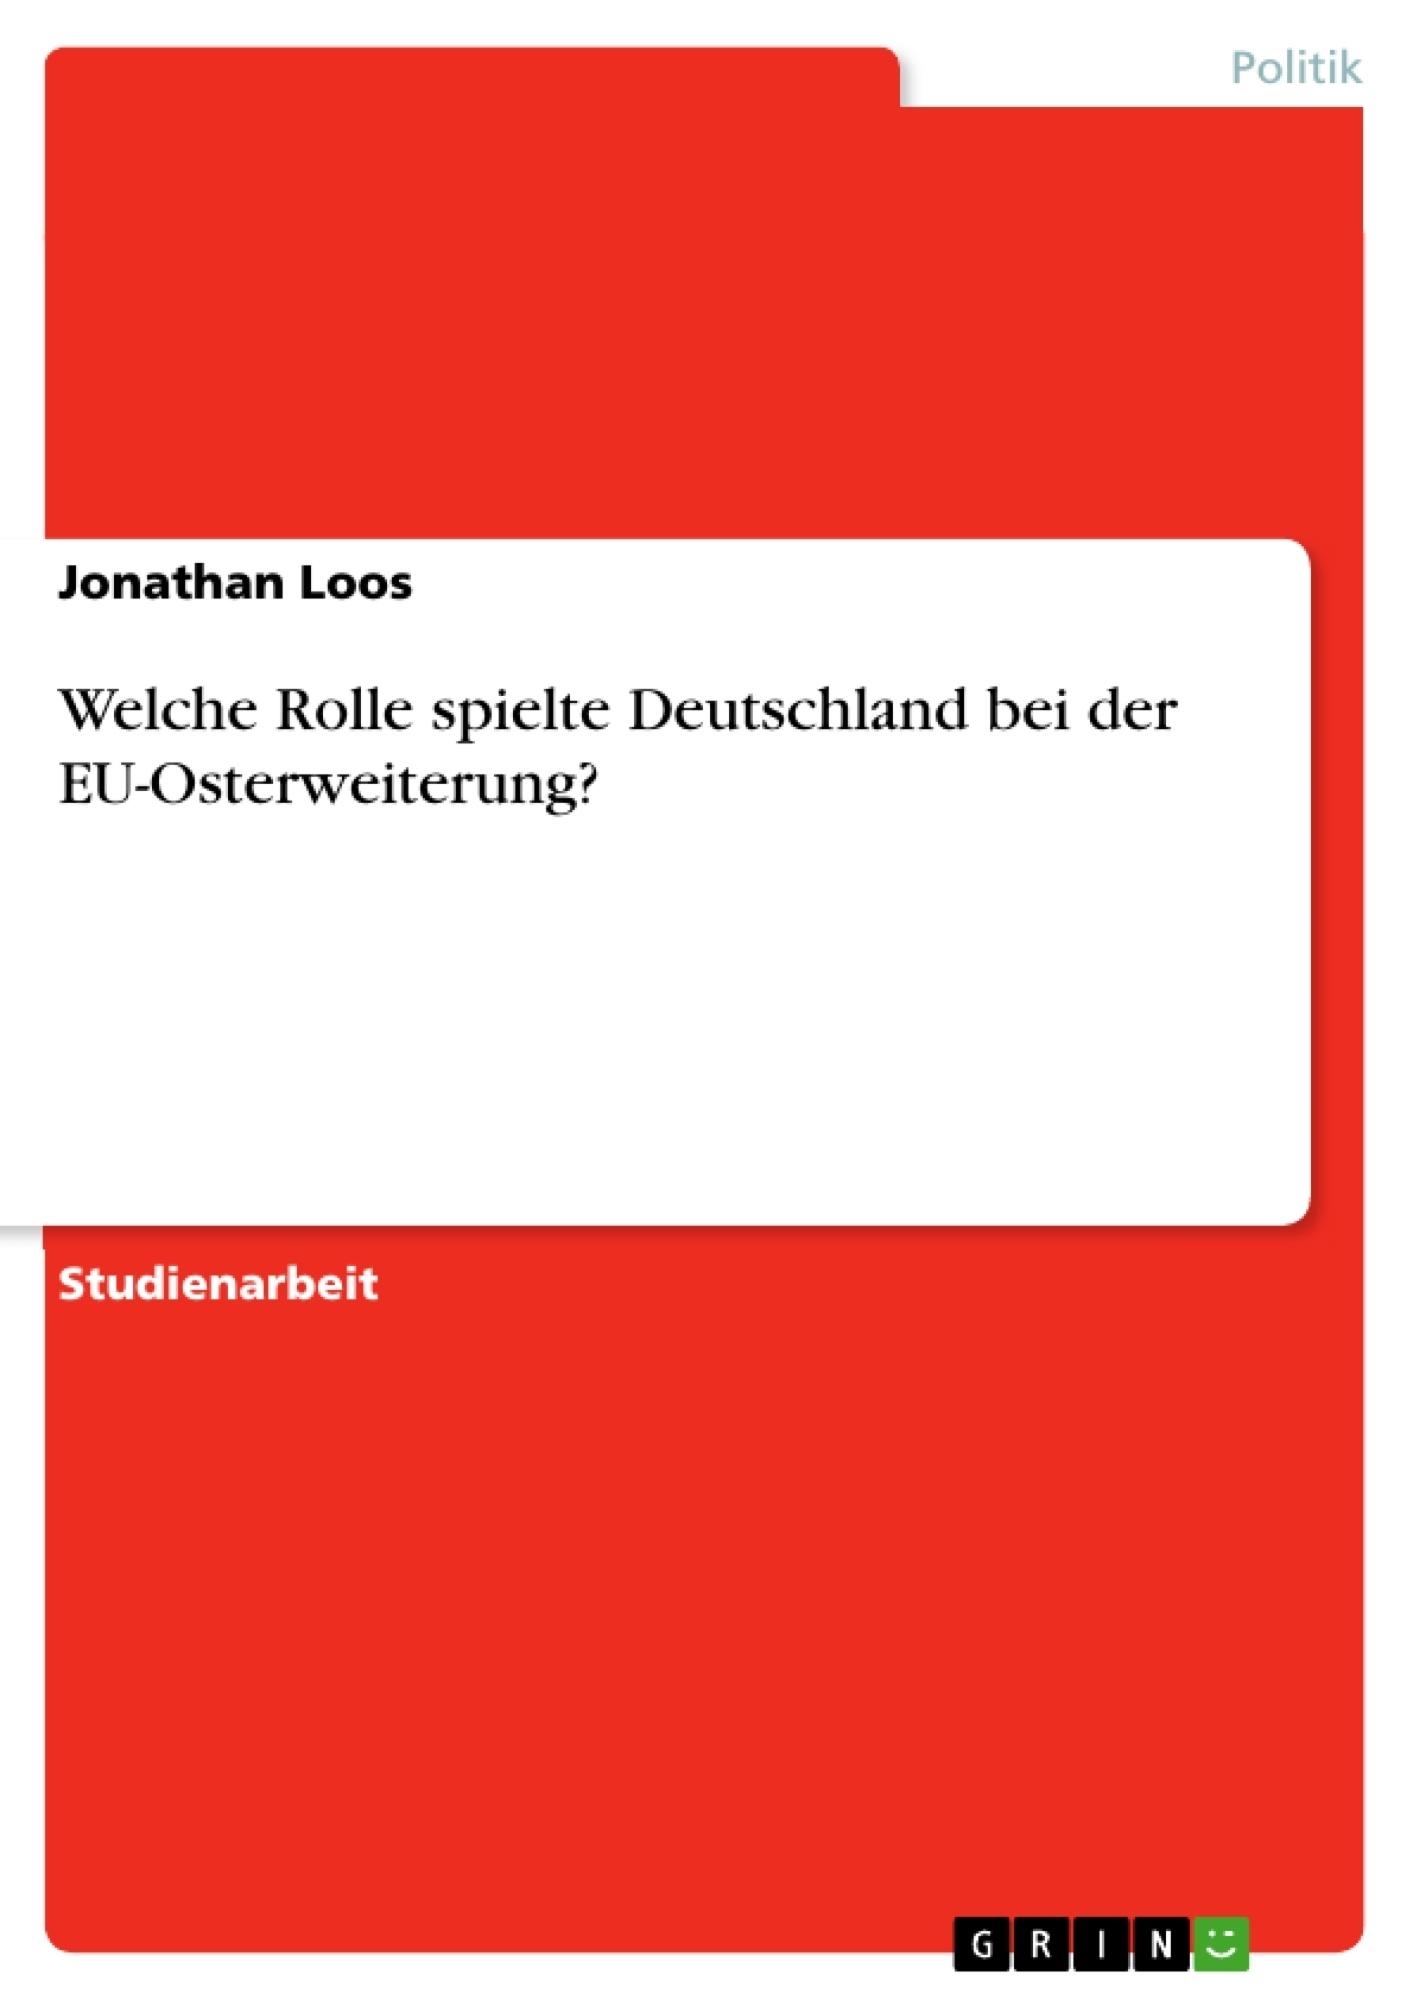 Titel: Welche Rolle spielte Deutschland bei der EU-Osterweiterung?